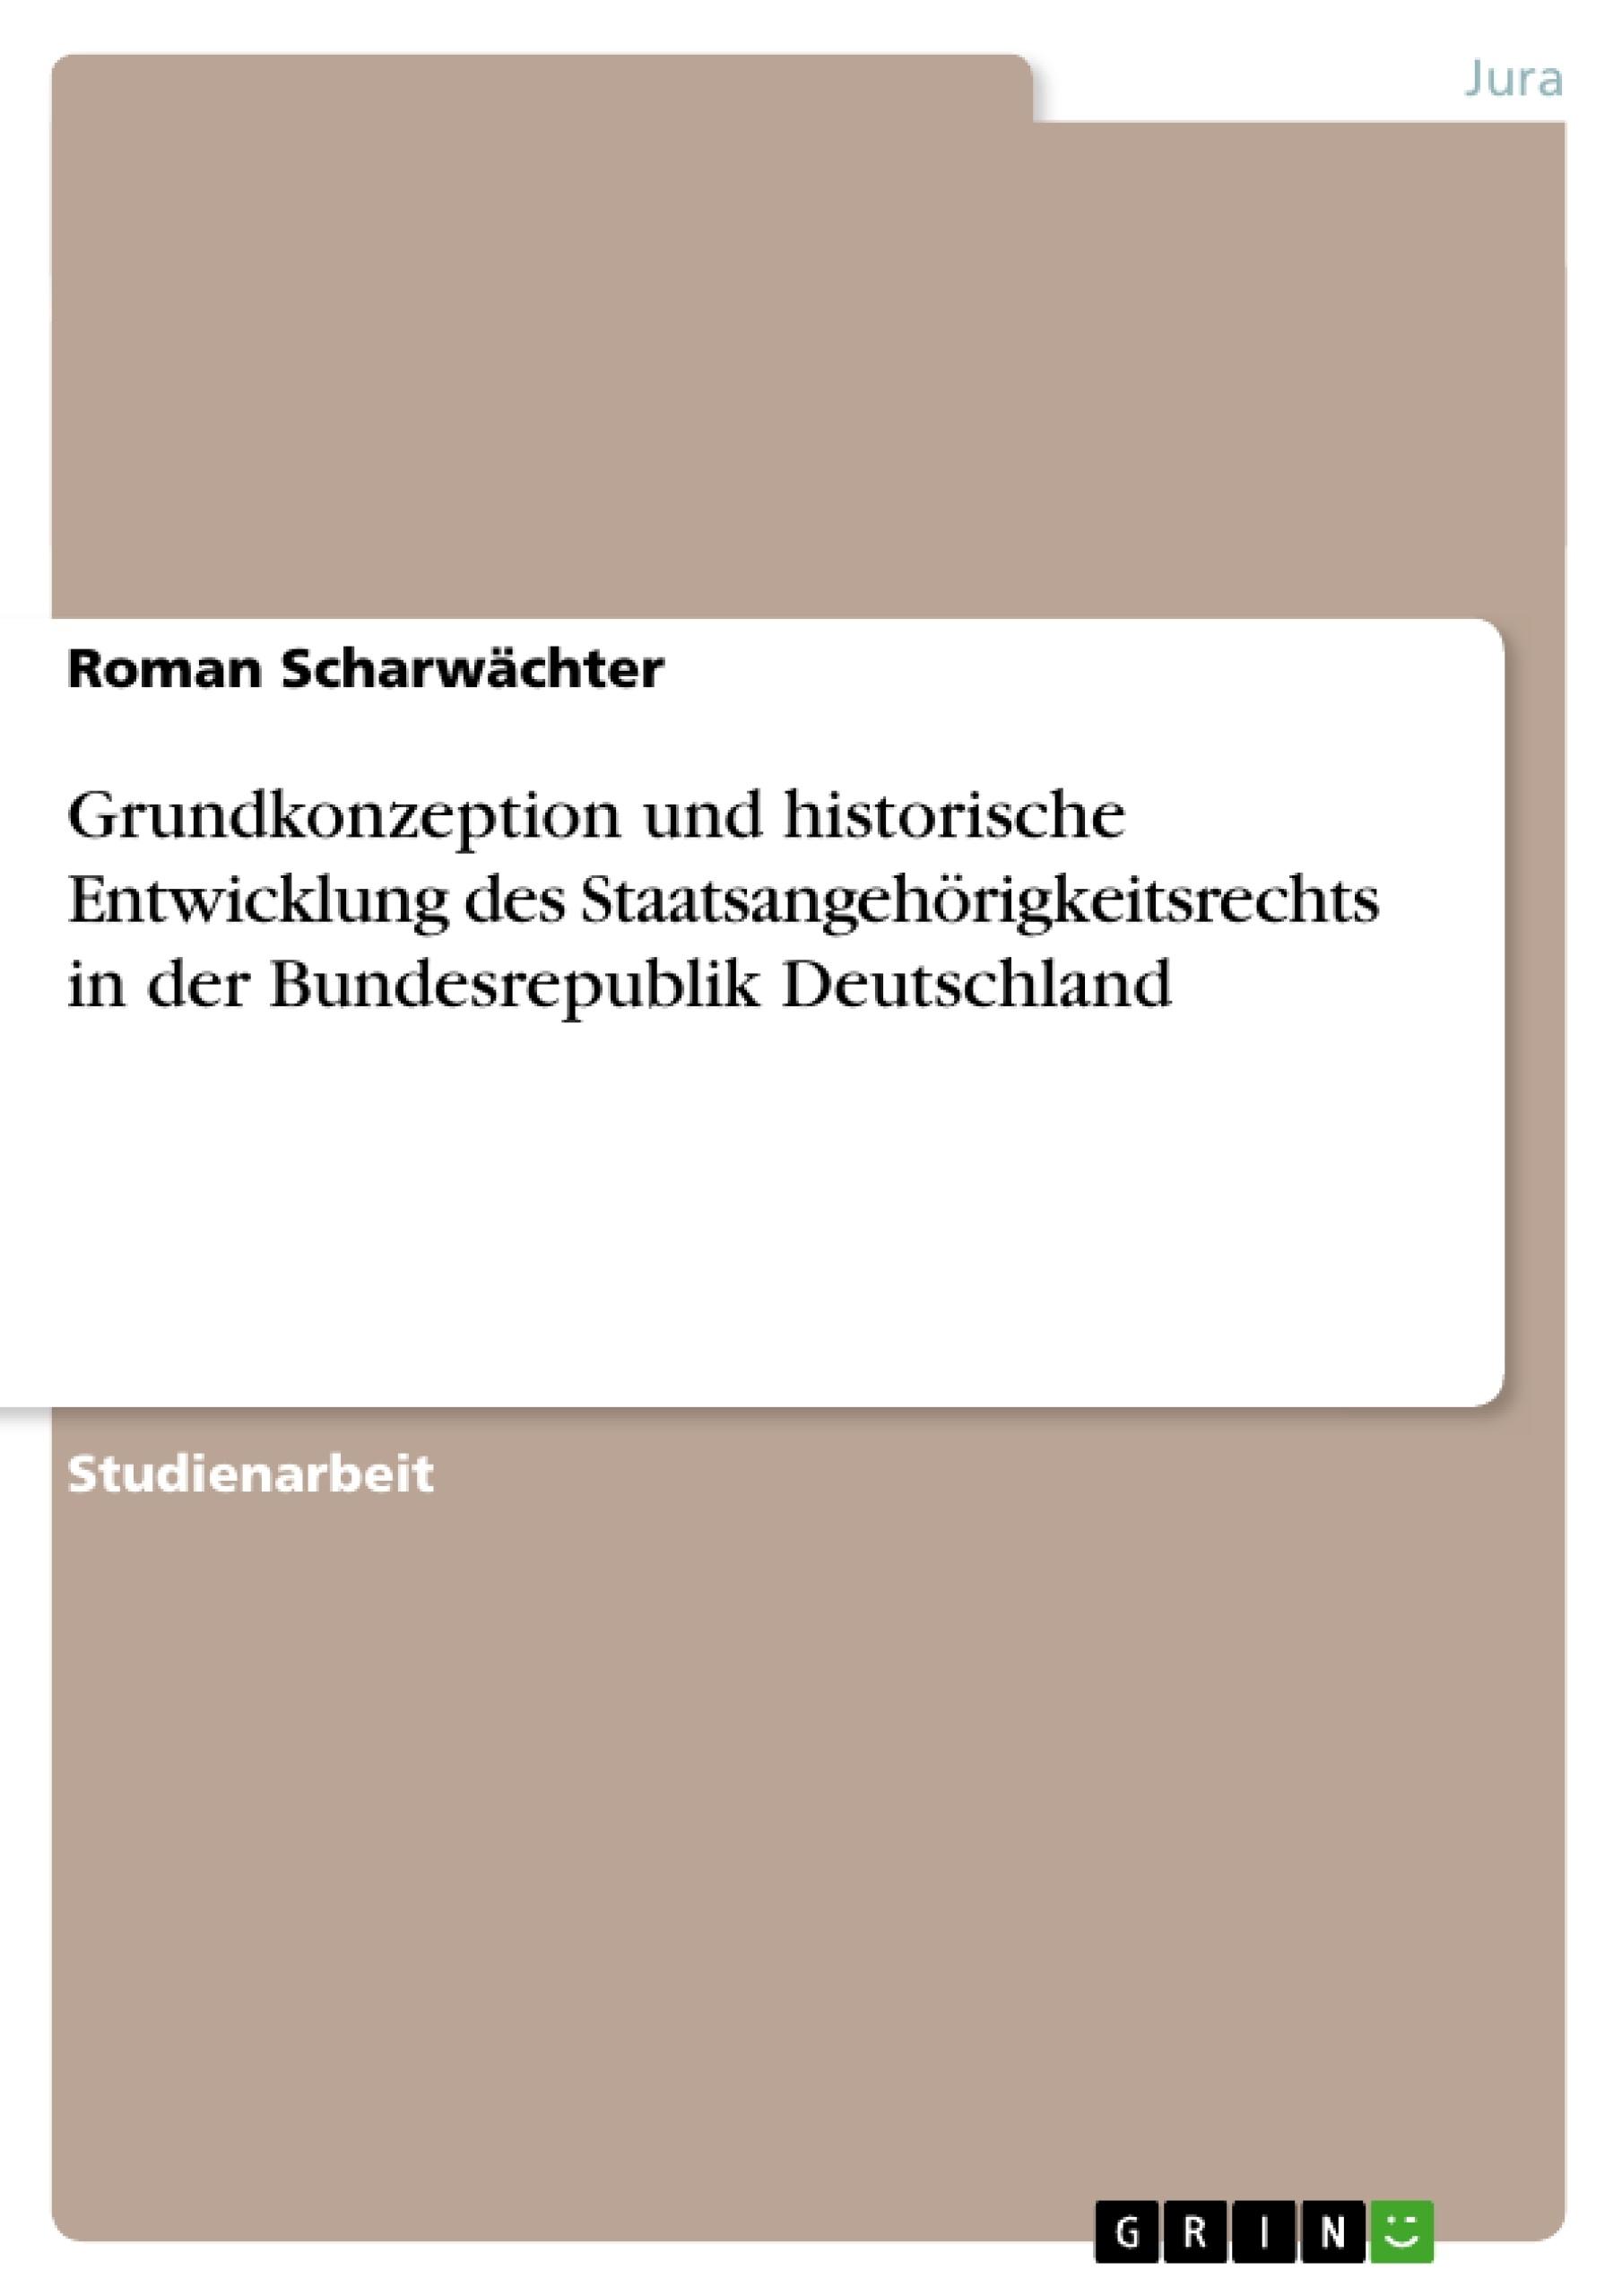 Titel: Grundkonzeption und historische Entwicklung des Staatsangehörigkeitsrechts in der Bundesrepublik Deutschland